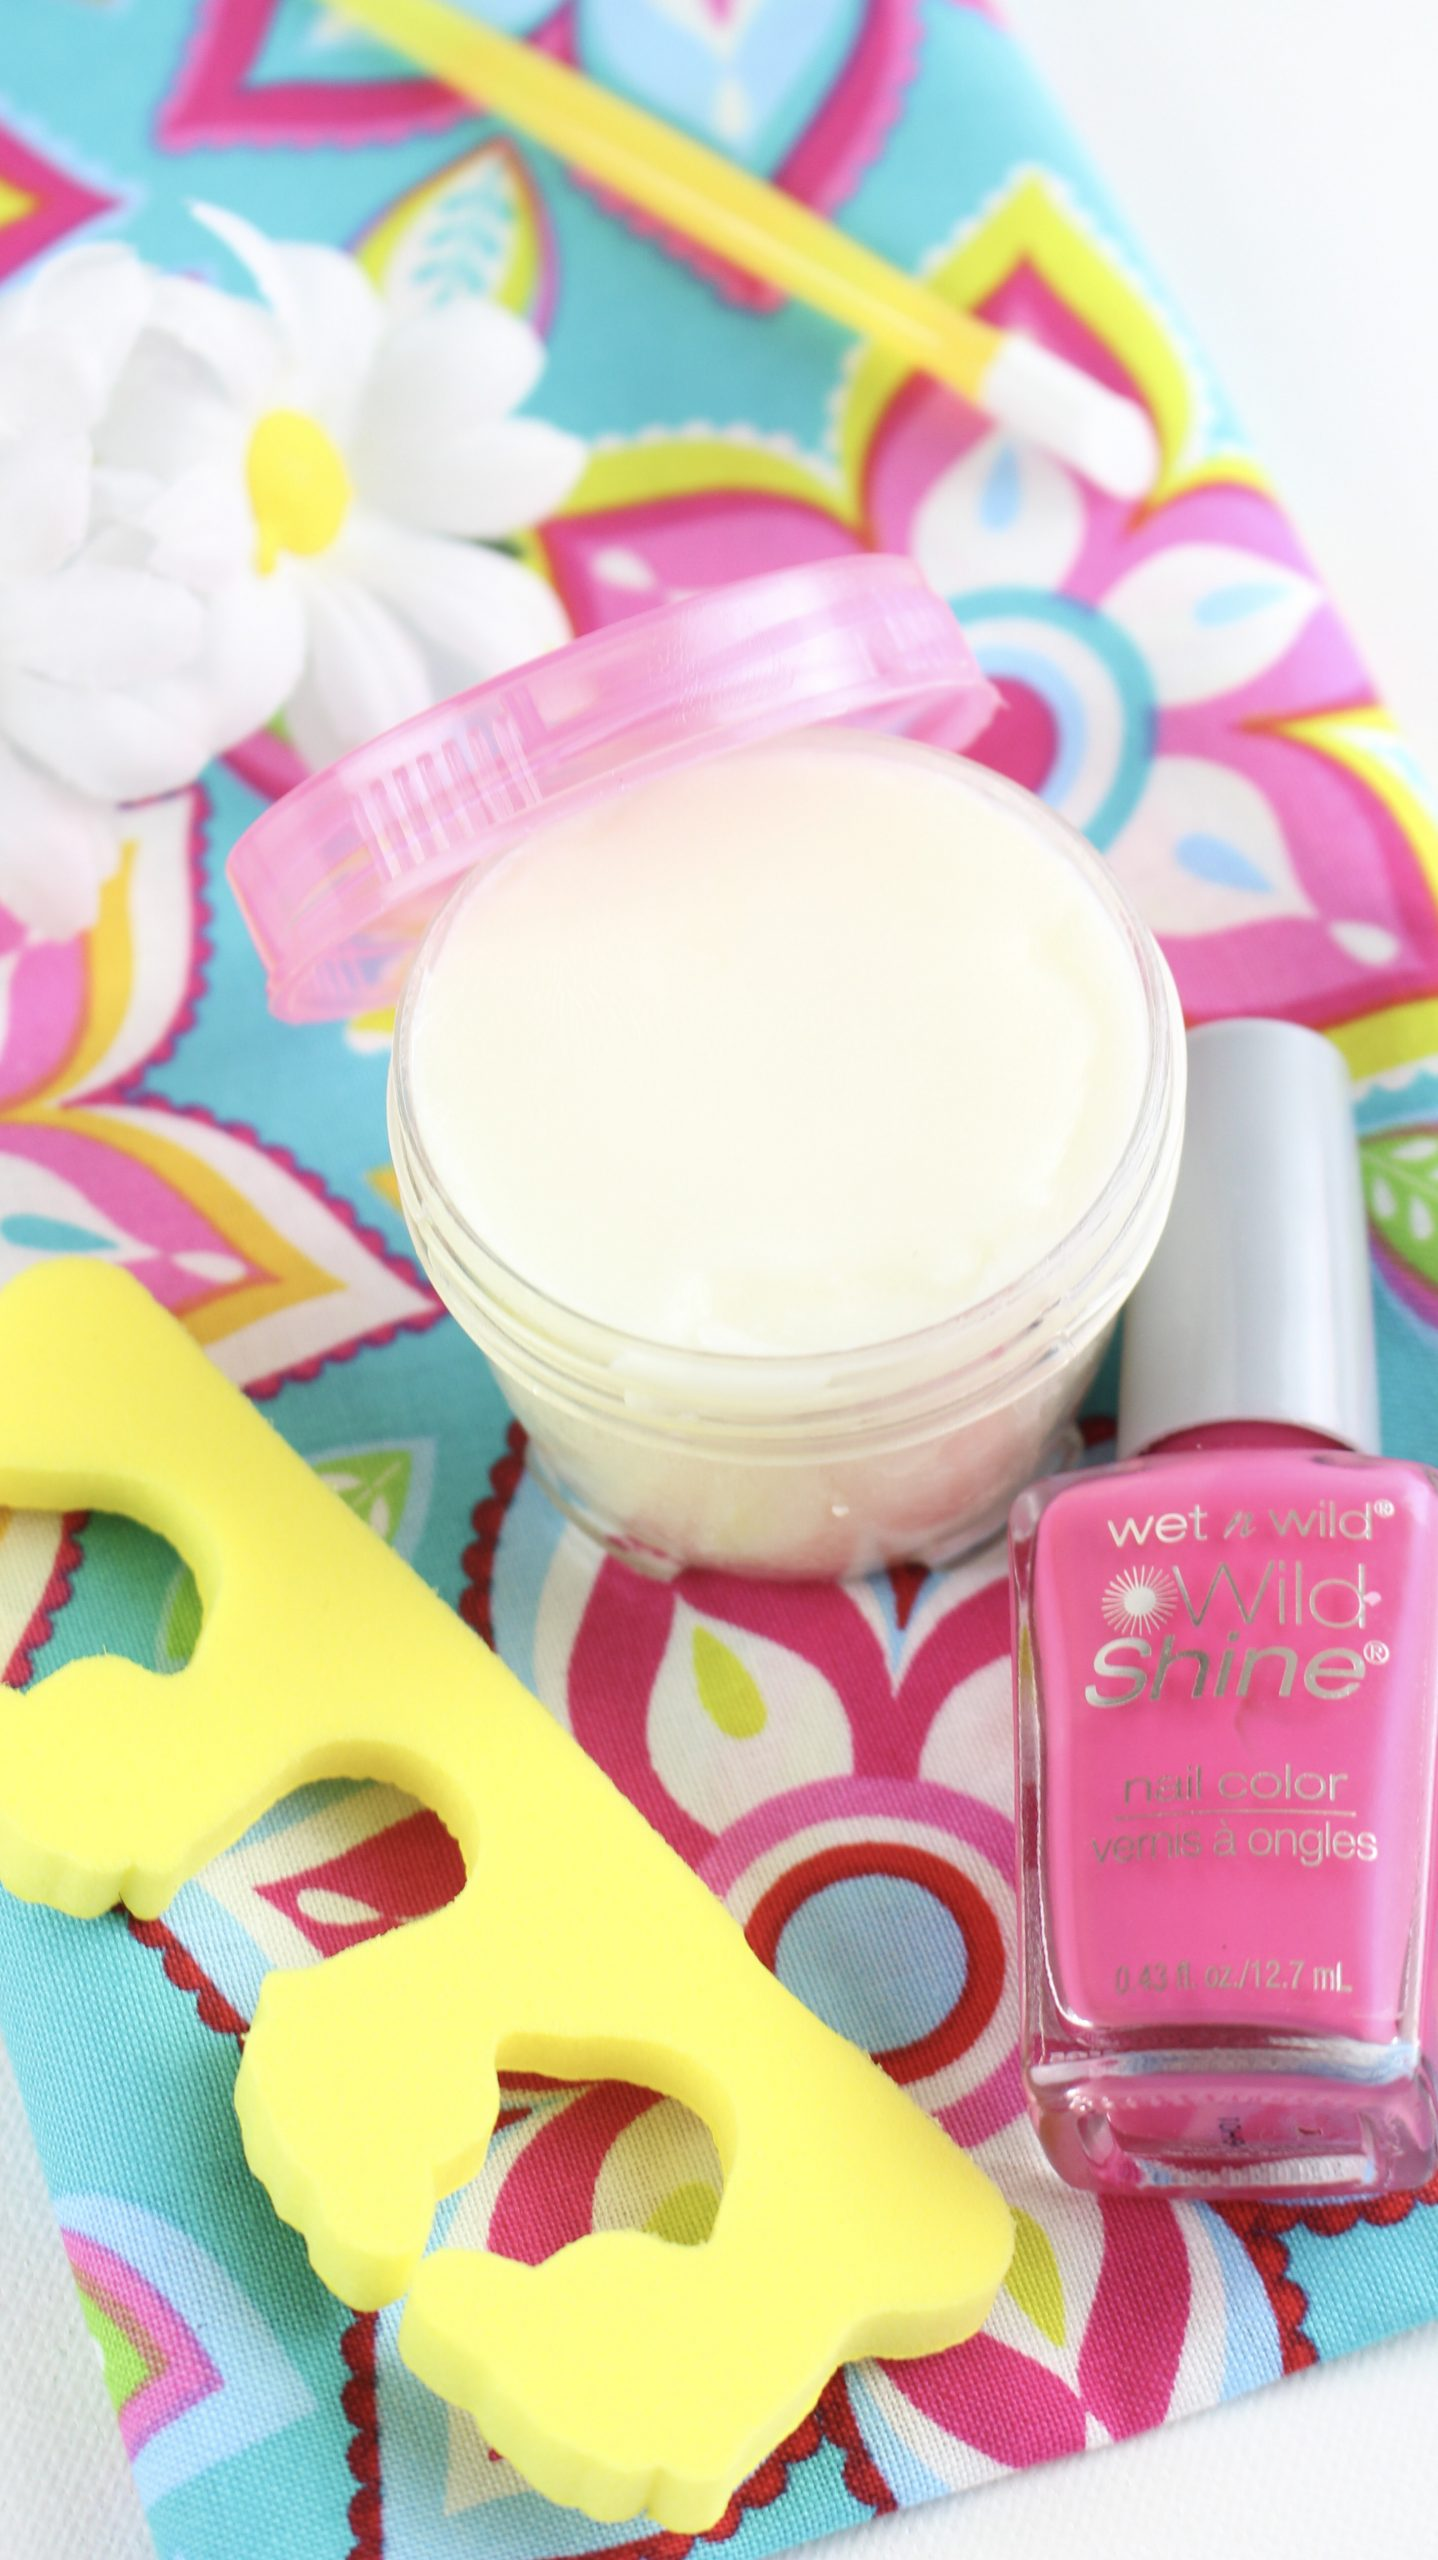 DIY Cuticle Cream with Nail Polish and Tools